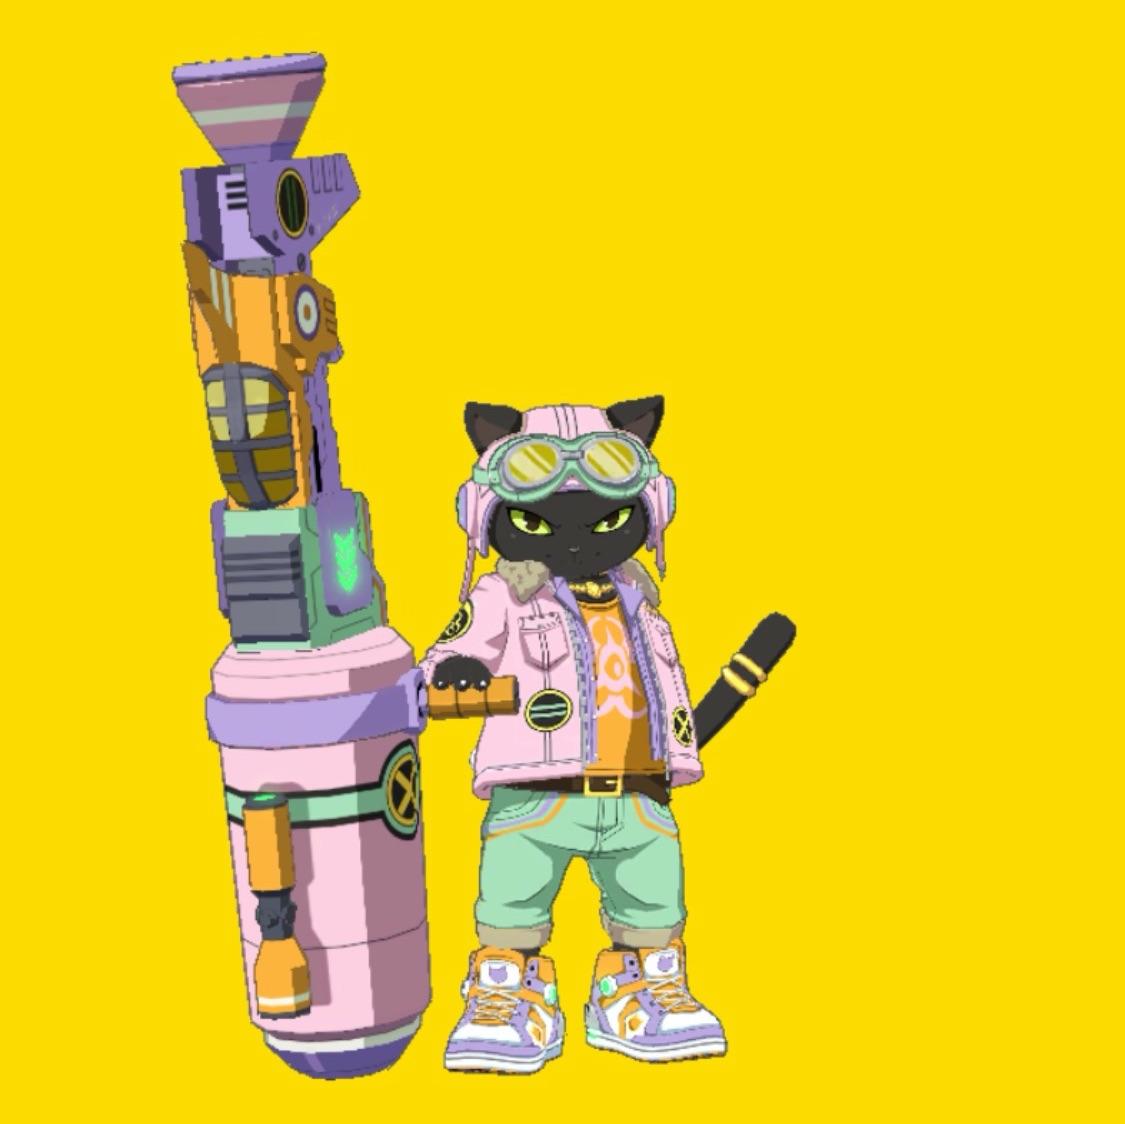 キックフライト【攻略】:ピトフィのおすすめデッキと立ち回り方【7/8更新】